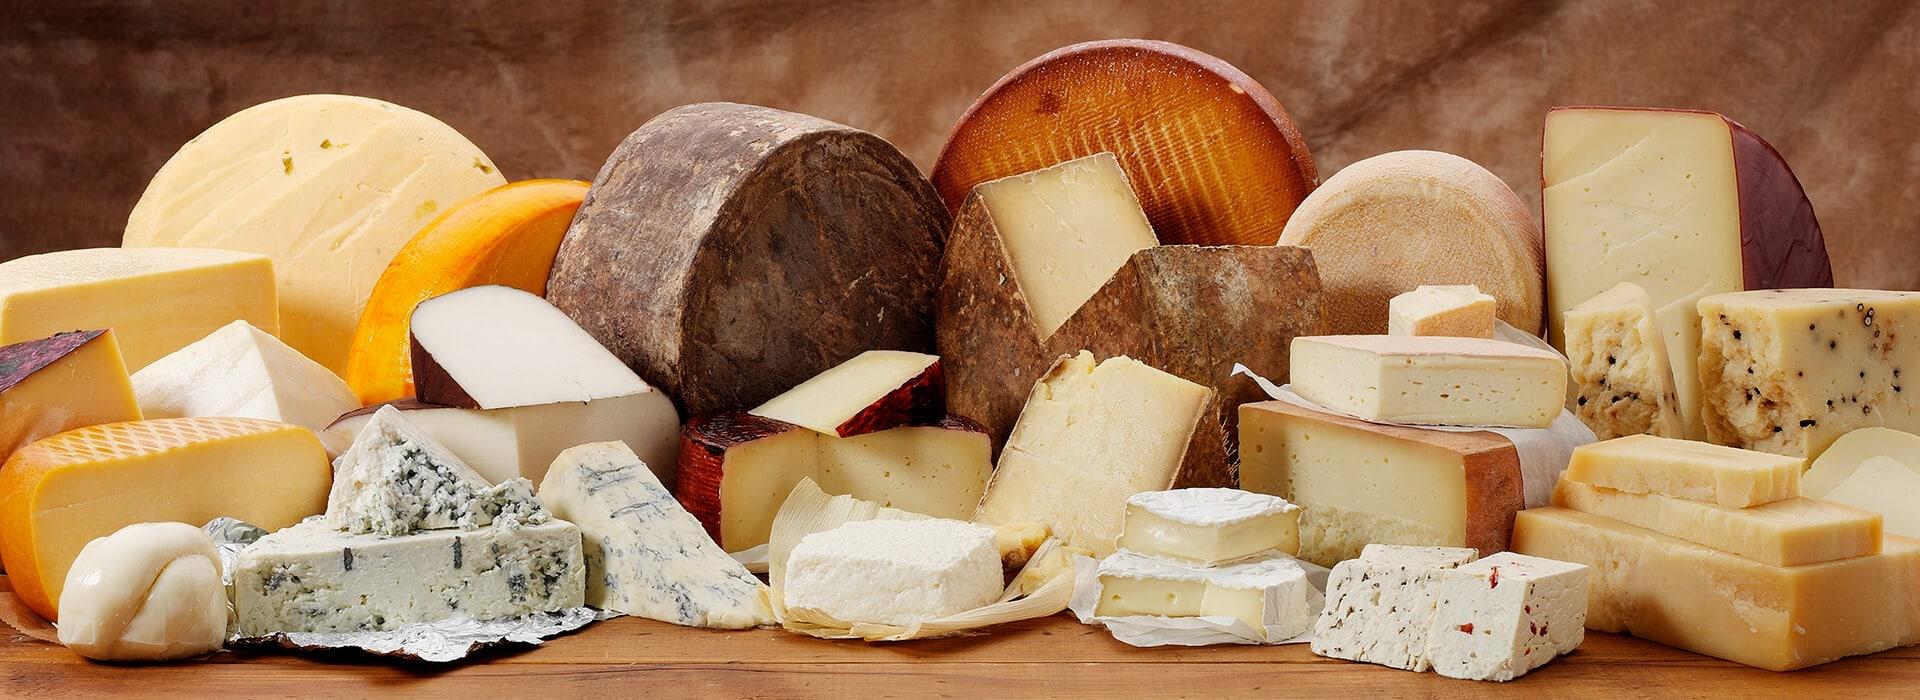 تصویر از نحوه استفاده از انواع پنیر با توجه به سلامت بدن